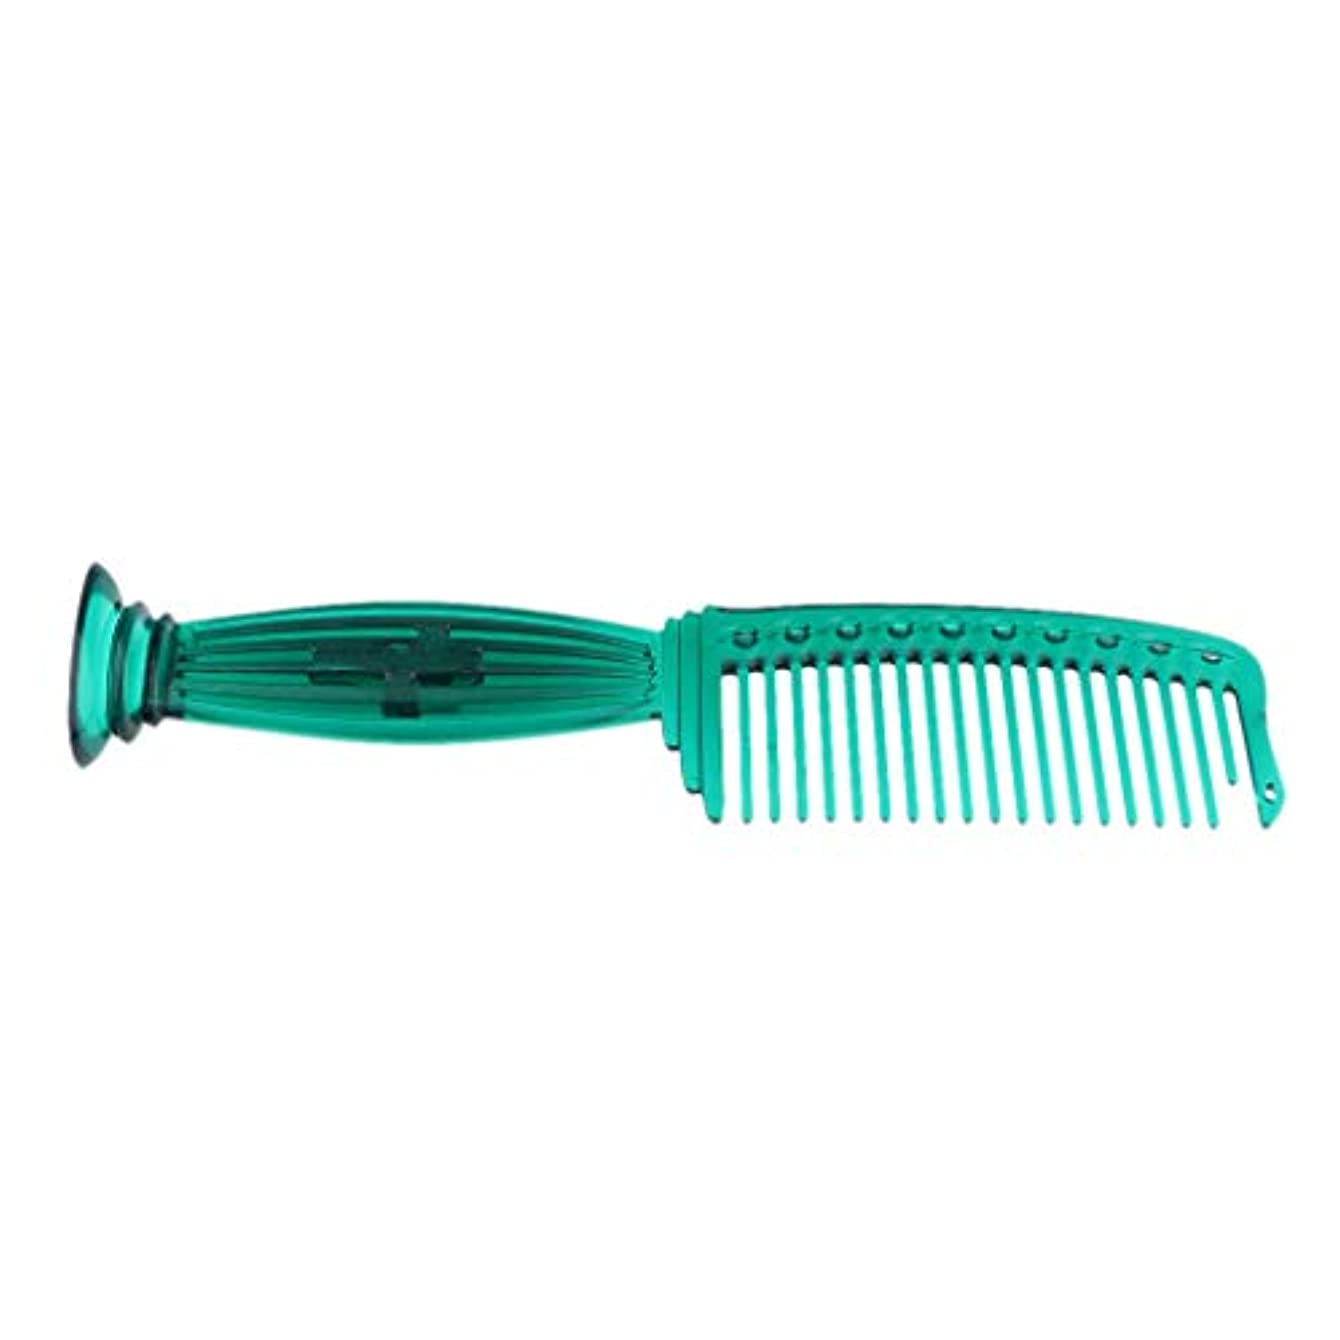 ポーチスペアスズメバチ全5色 ワイド歯 ヘアコーム ヘアブラシ プラスチック櫛 頭皮保護 櫛 プロ ヘアサロン 理髪師用 - 緑